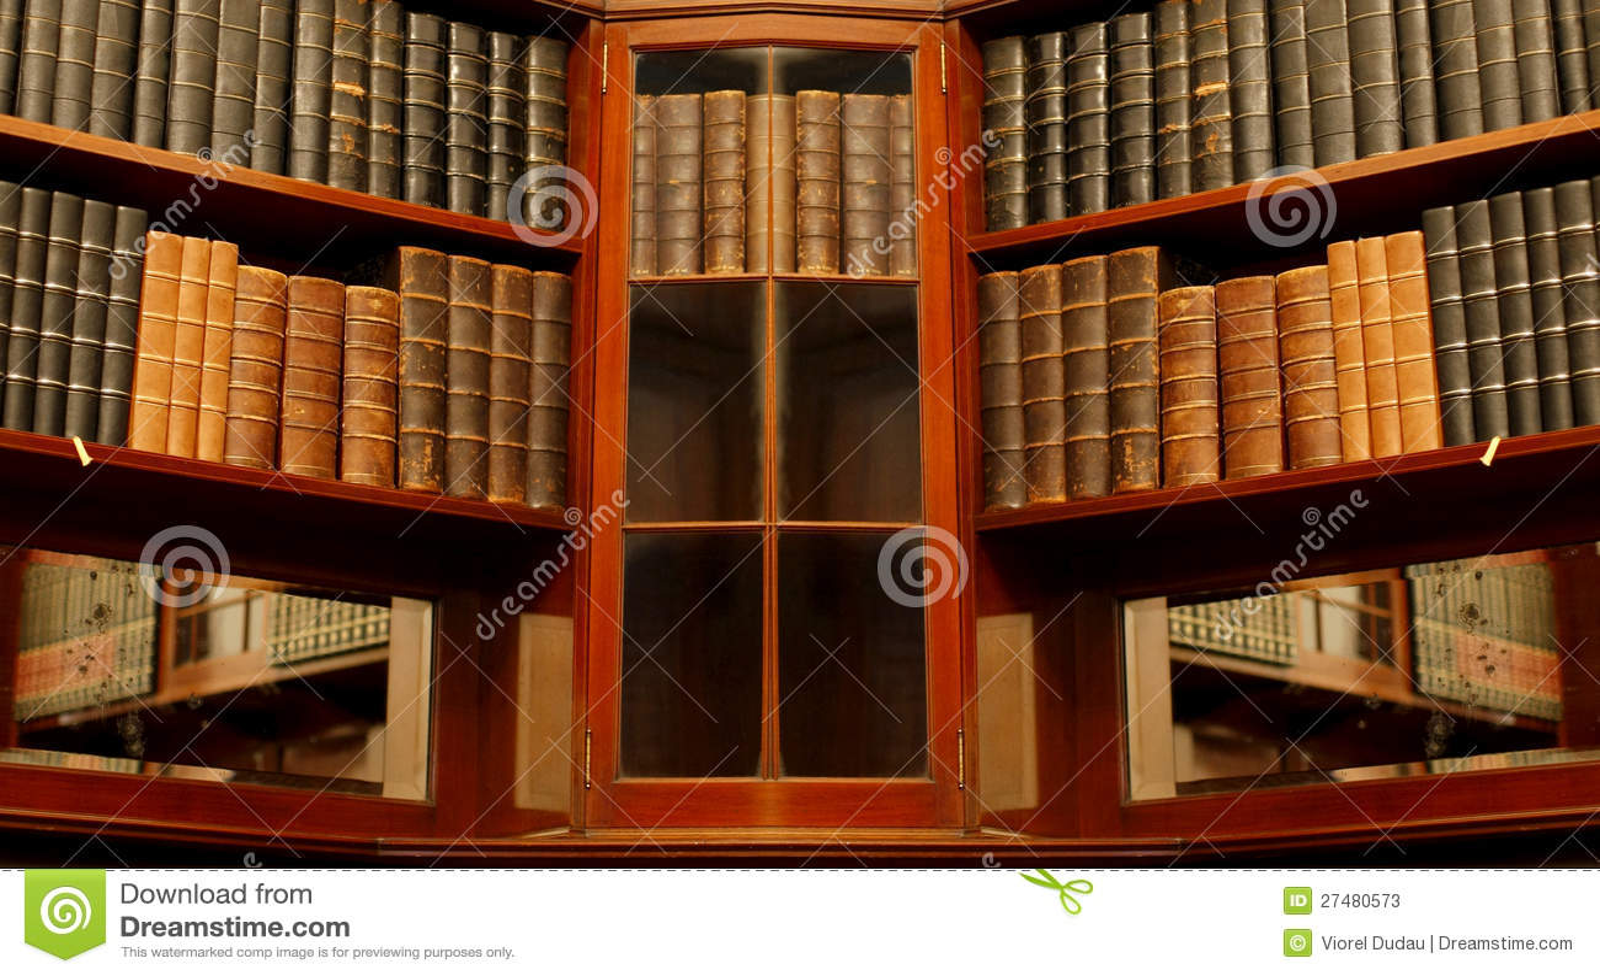 Παλαιά βιβλιοθήκη